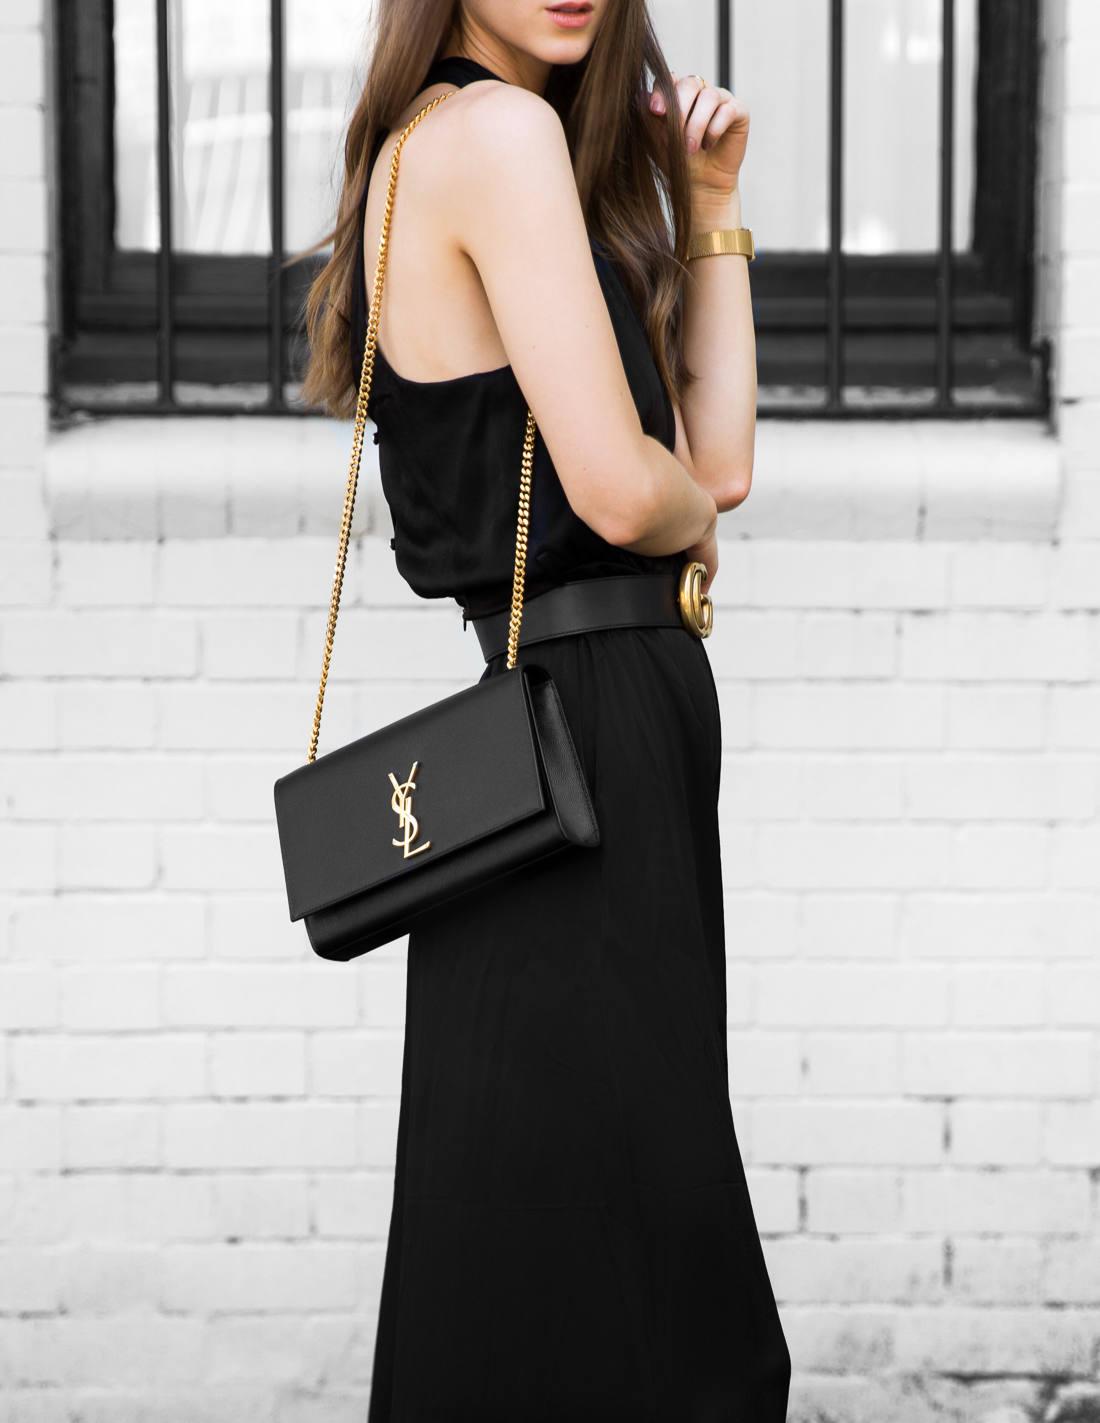 Pasduchas Black Jumpsuit Gucci Belt Saint Laurent YSL Bag